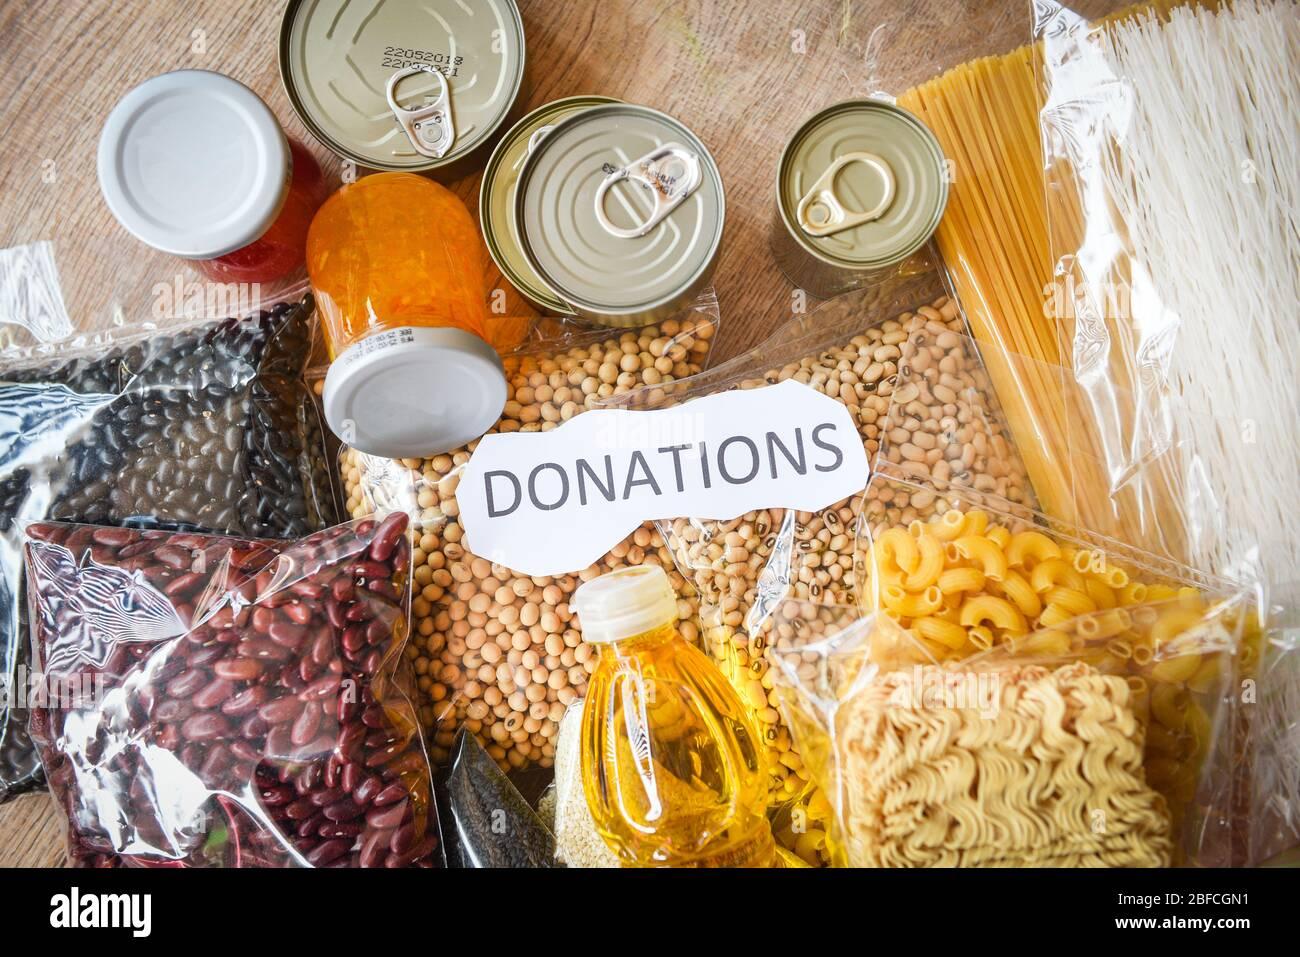 Where to Donate Canned Food Near Me: BusinessHAB.com